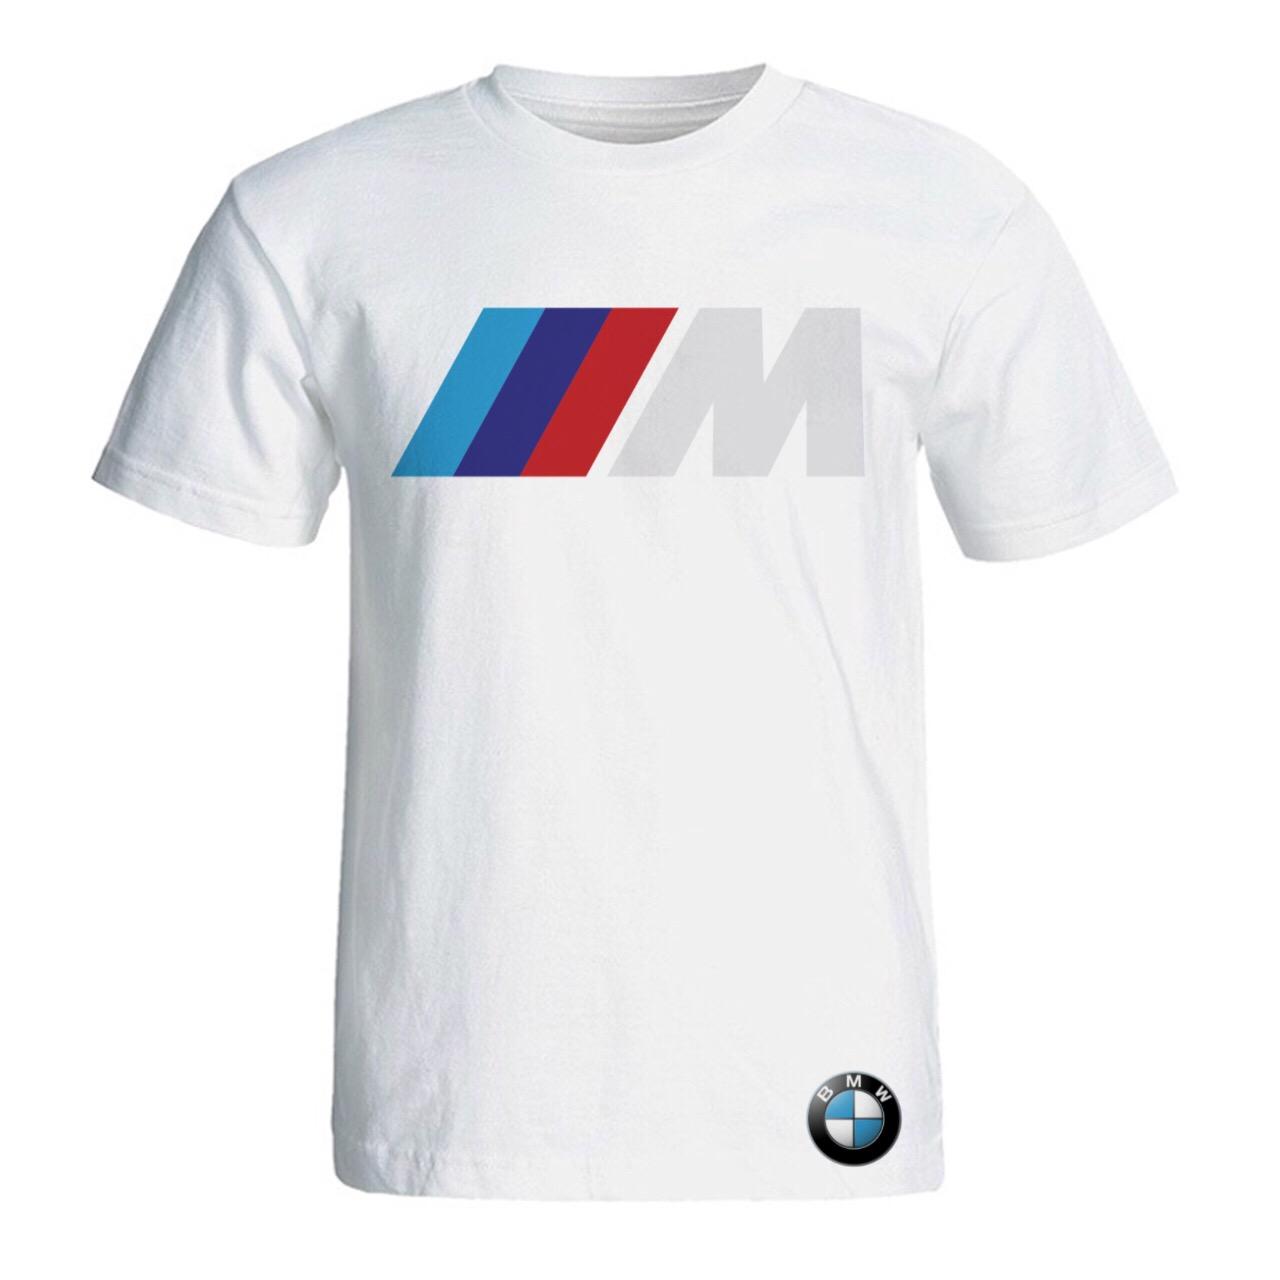 قیمت تی شرت آستین کوتاه مردانه سالامین طرح بی ام دبلیو کد SA116